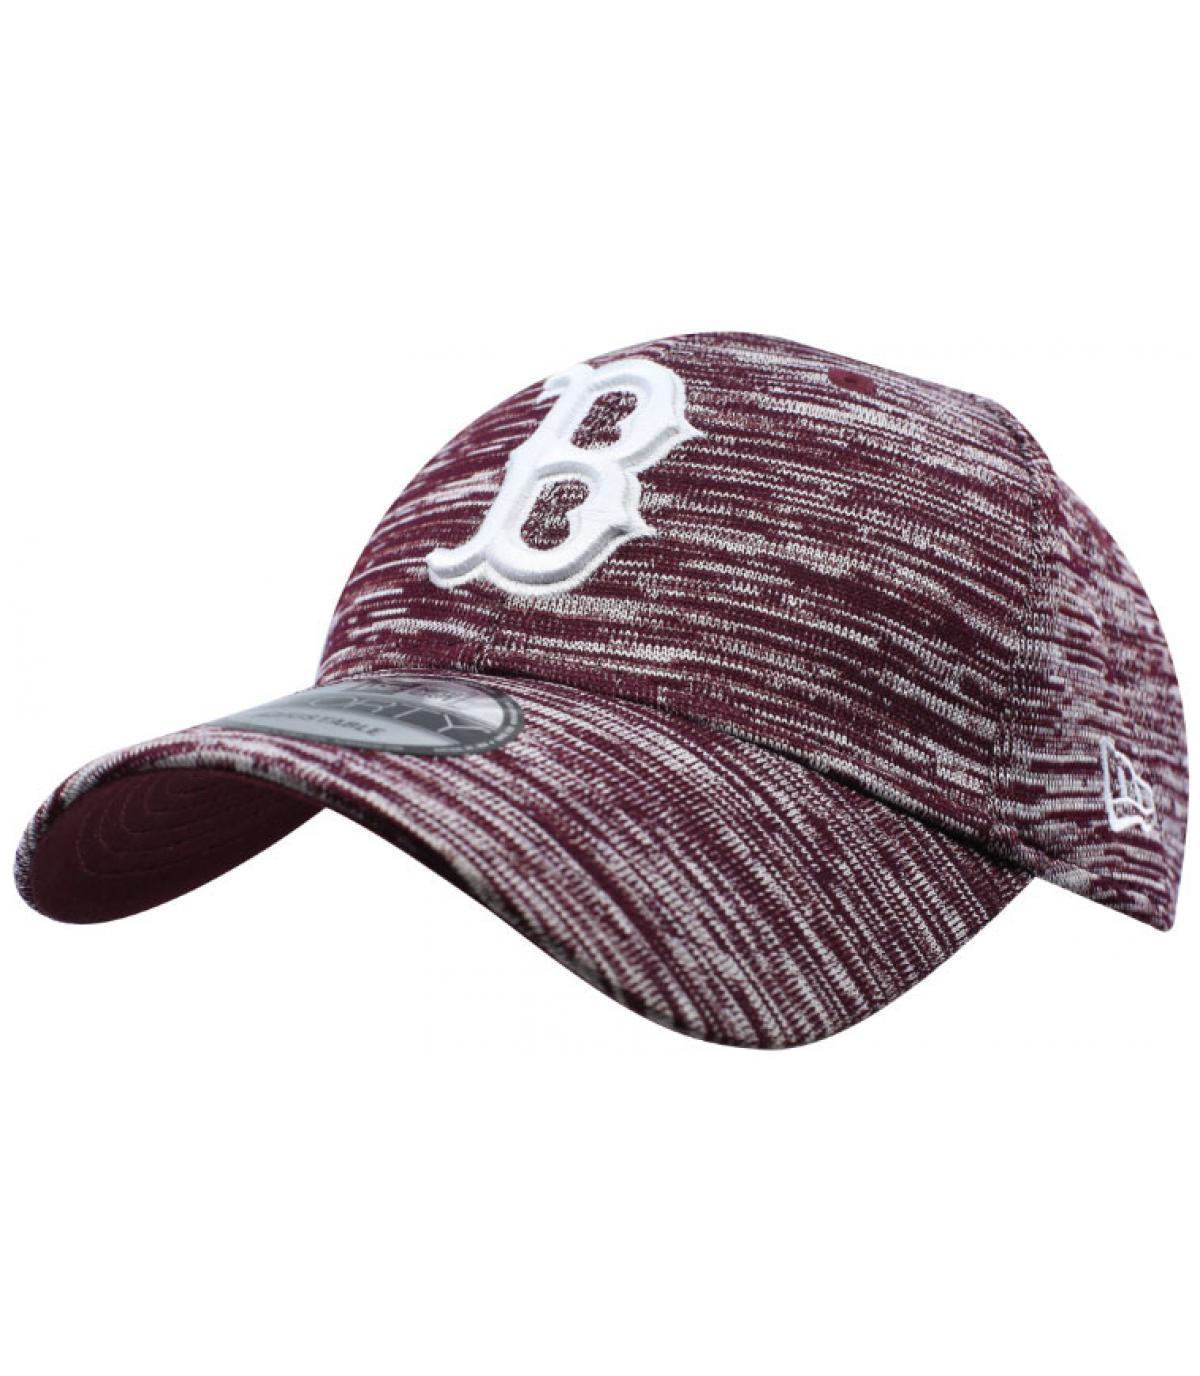 Cappellino bordeaux B costruito